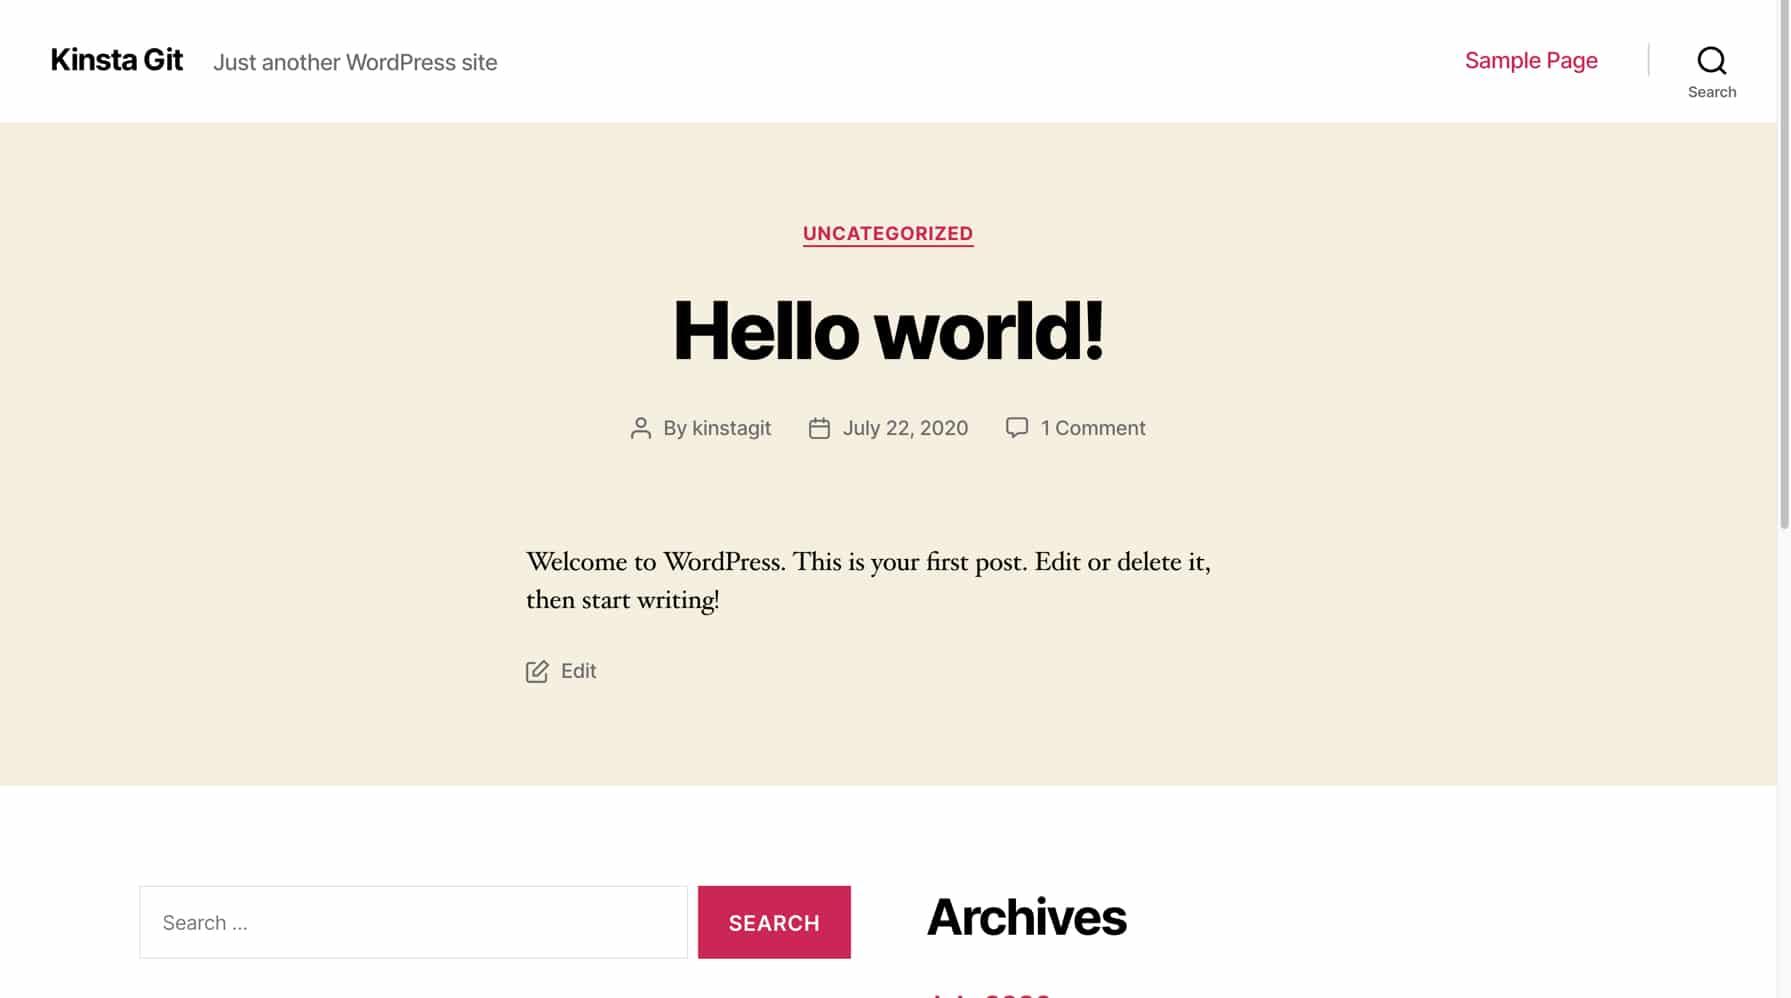 Una nuova installazione di WordPress.